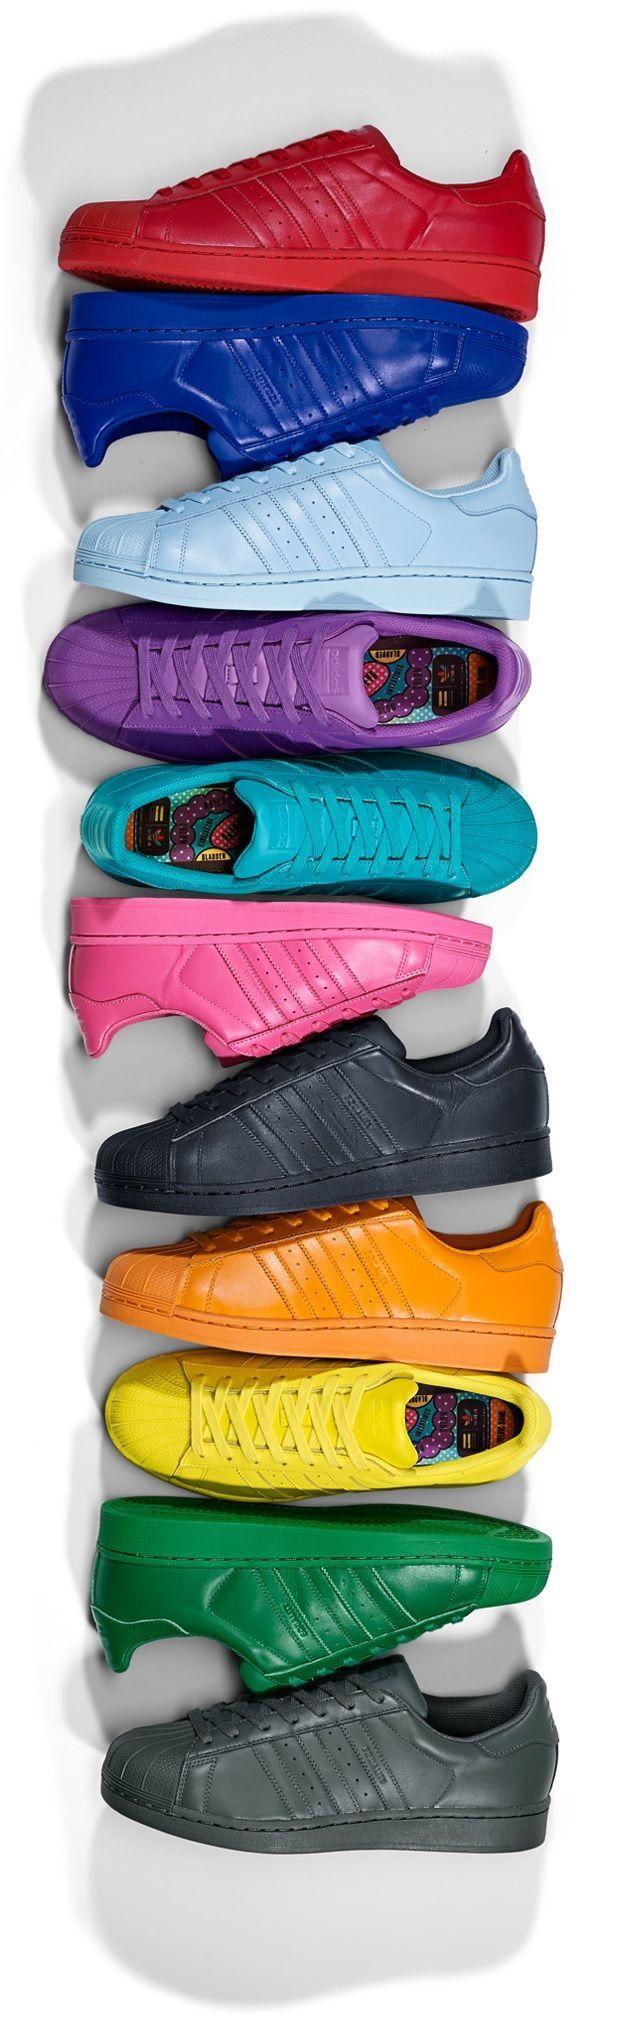 Adidas Superstar Super colors ❤️